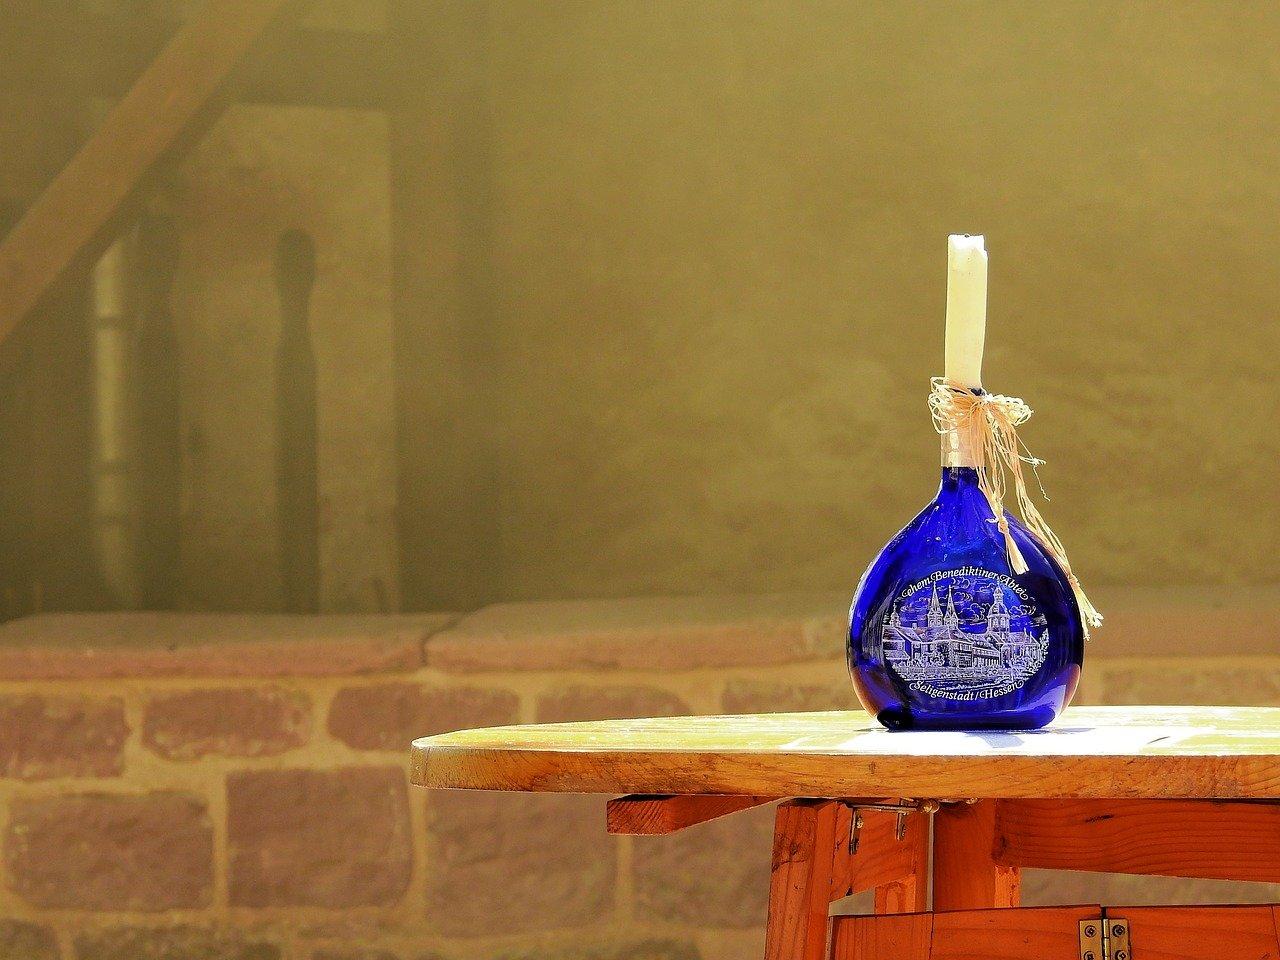 Als Kerzenhalter können Weinflaschen ein äußerst dekoratives zweites Leben erhalten. Fotocredit: © Bruno/Germany/Pixabay